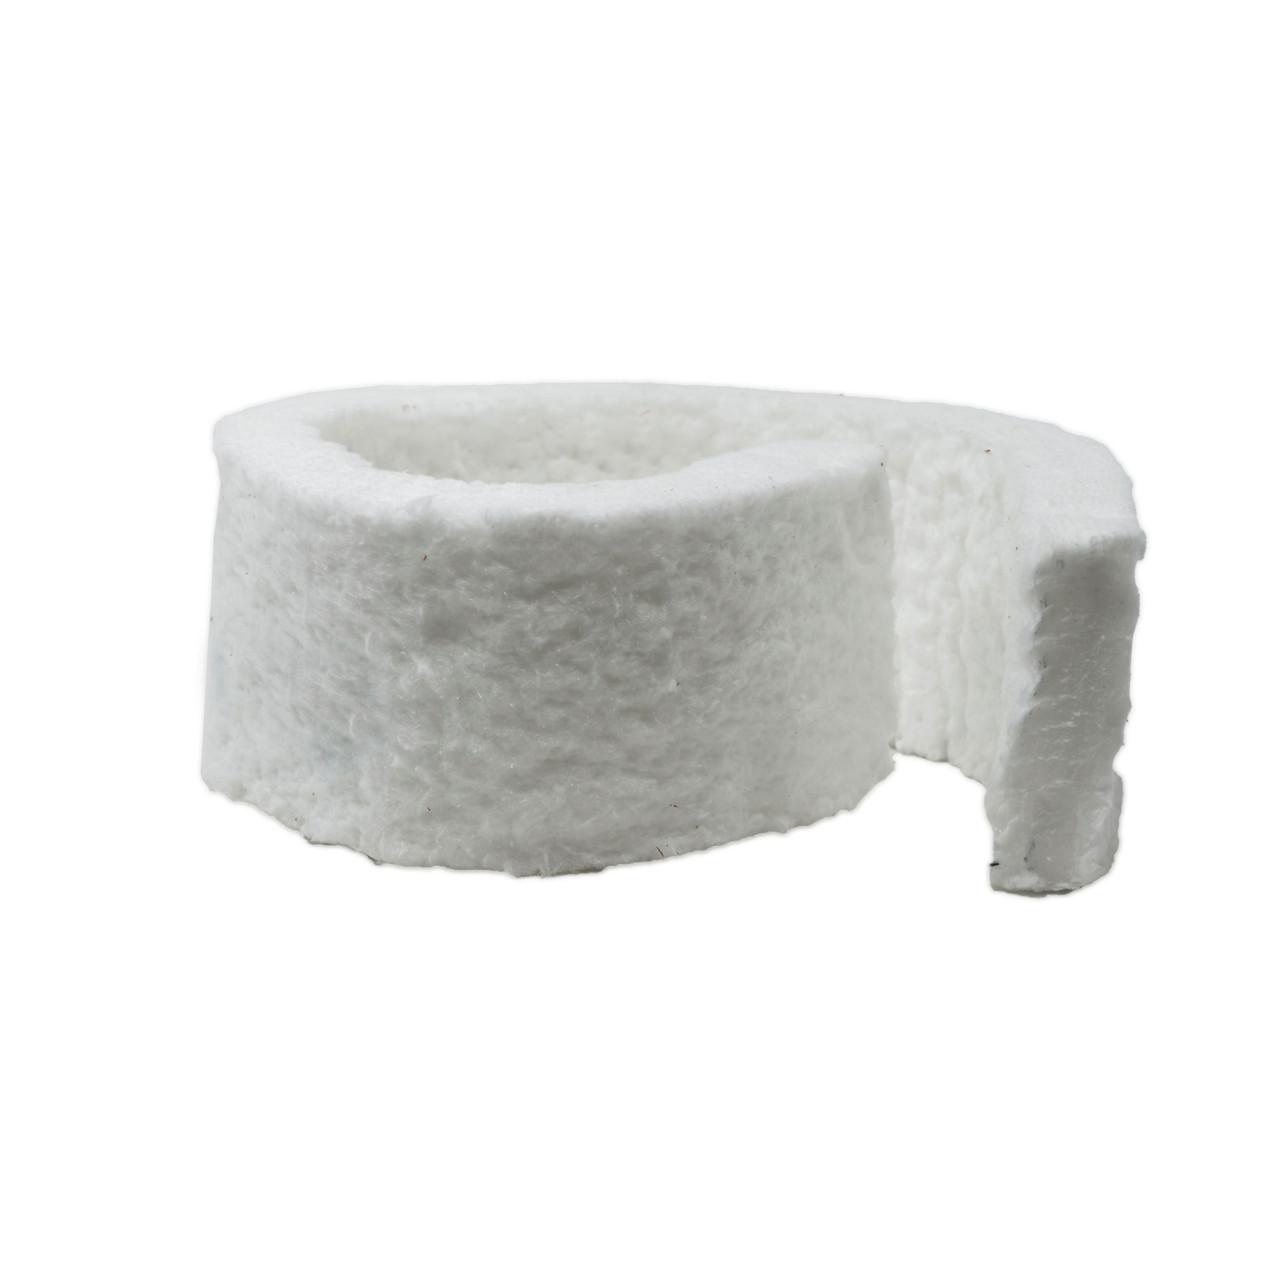 Ceramic Pan Gasket